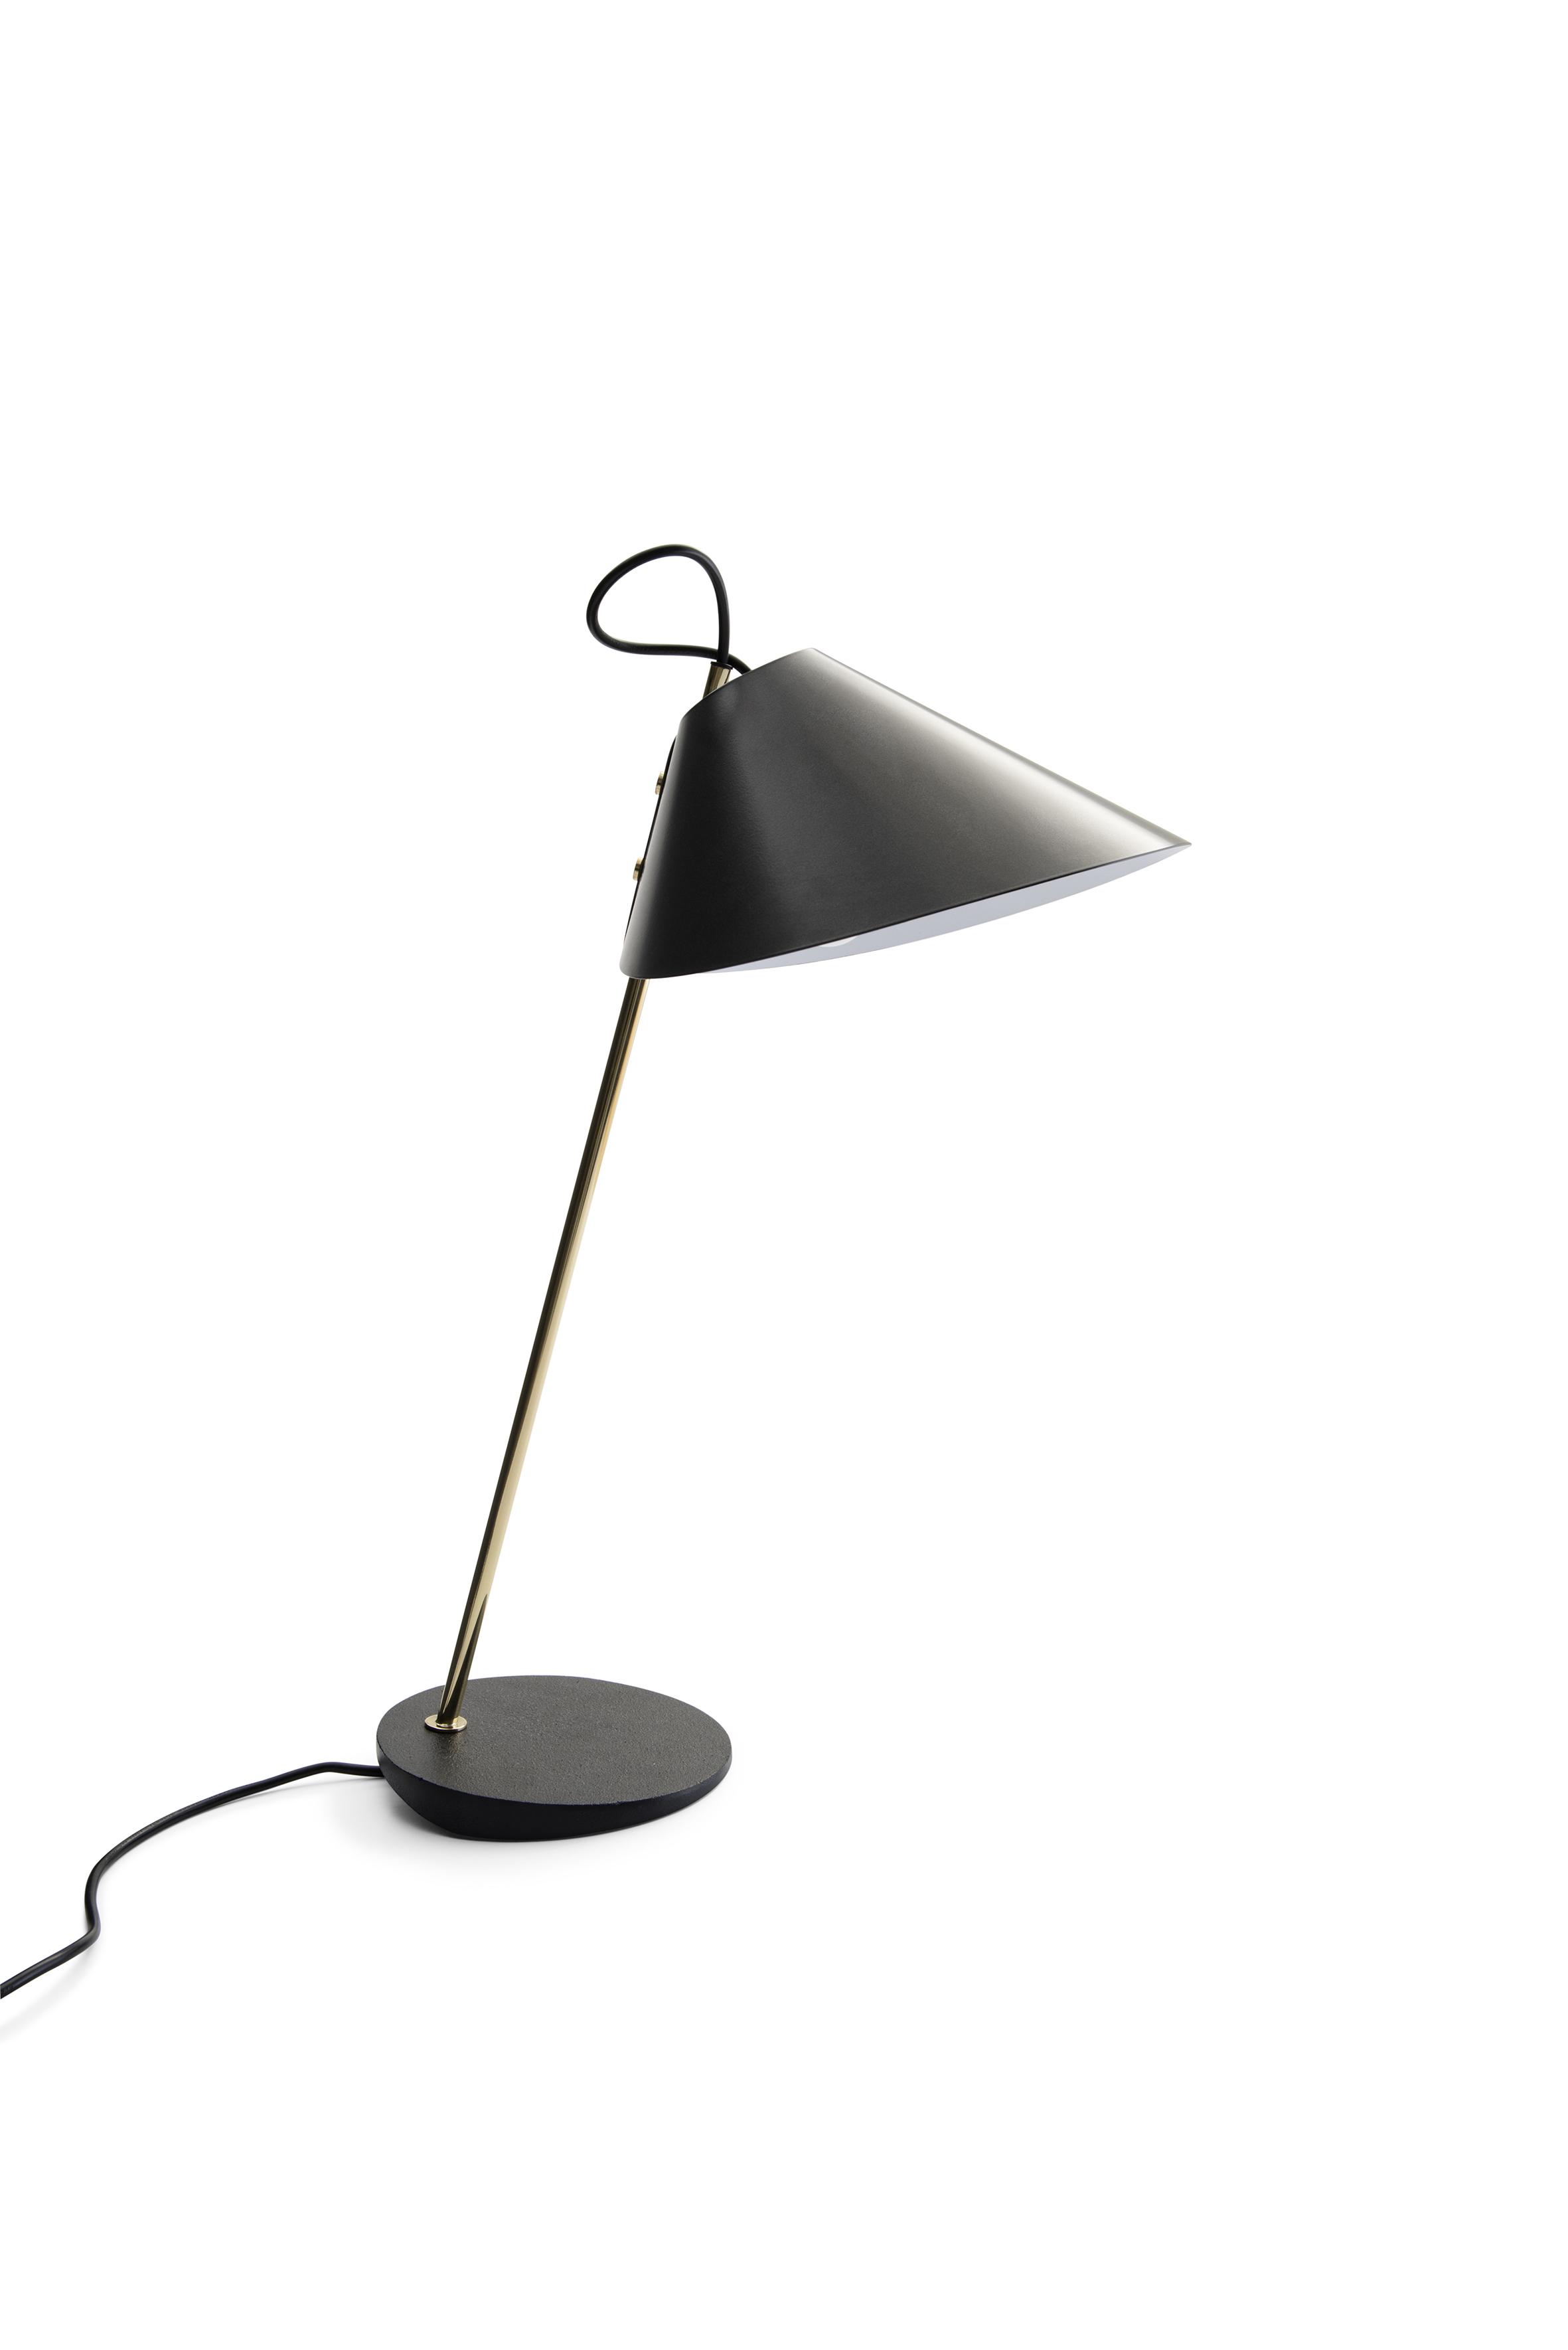 The Monachella table and floor lamp designed by Luigi Caccia Dominioni. Photo c/o B&B Italia.